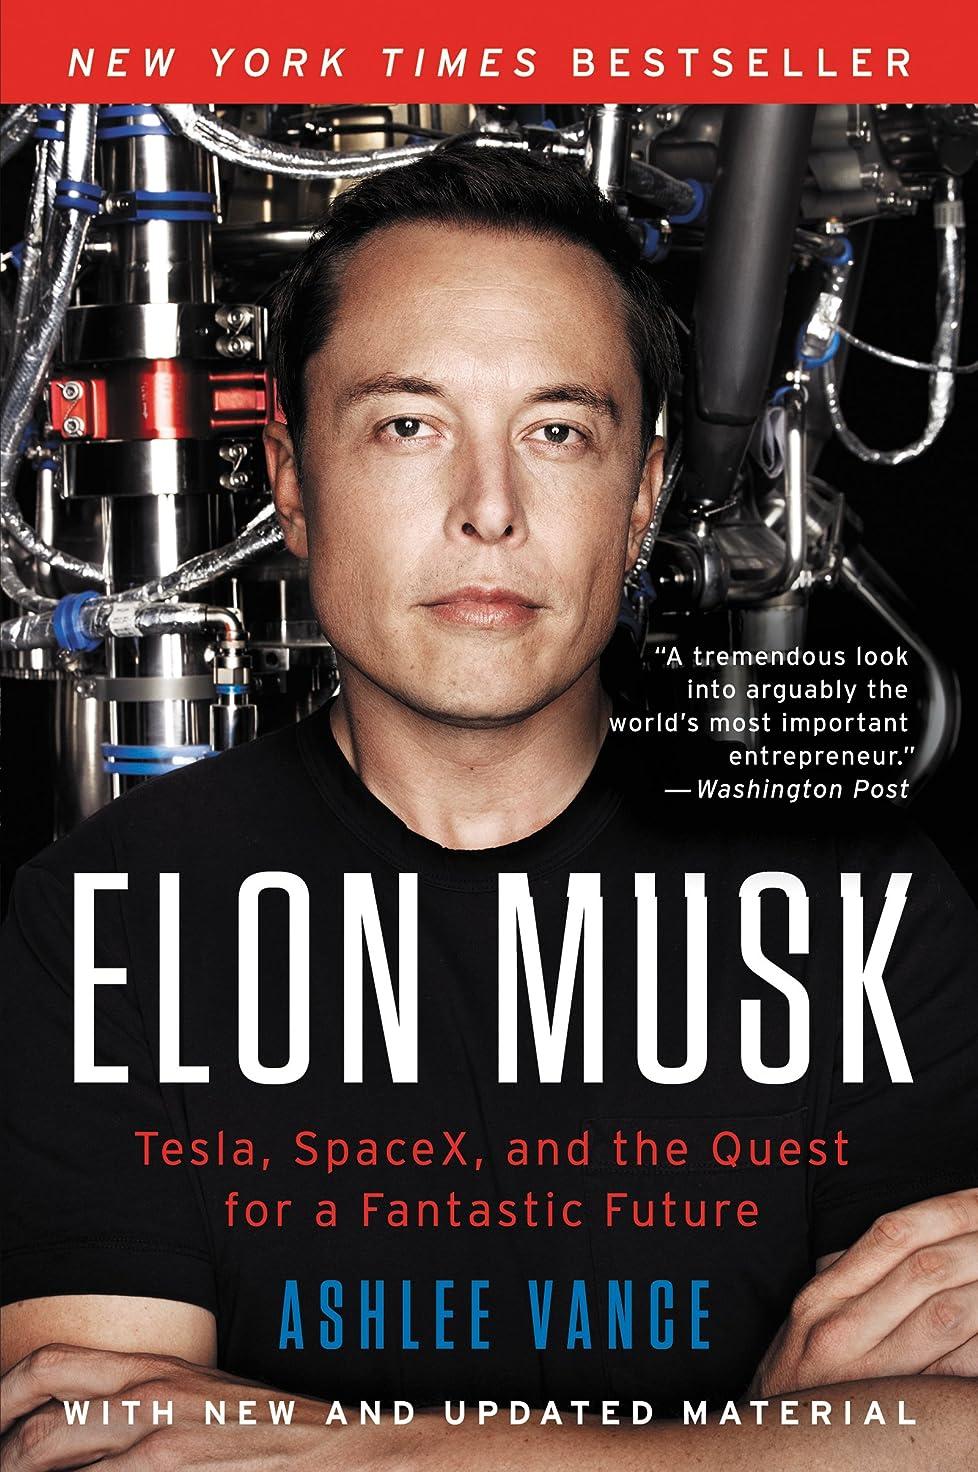 置くためにパックバンジョー同一性Elon Musk: Tesla, SpaceX, and the Quest for a Fantastic Future (English Edition)